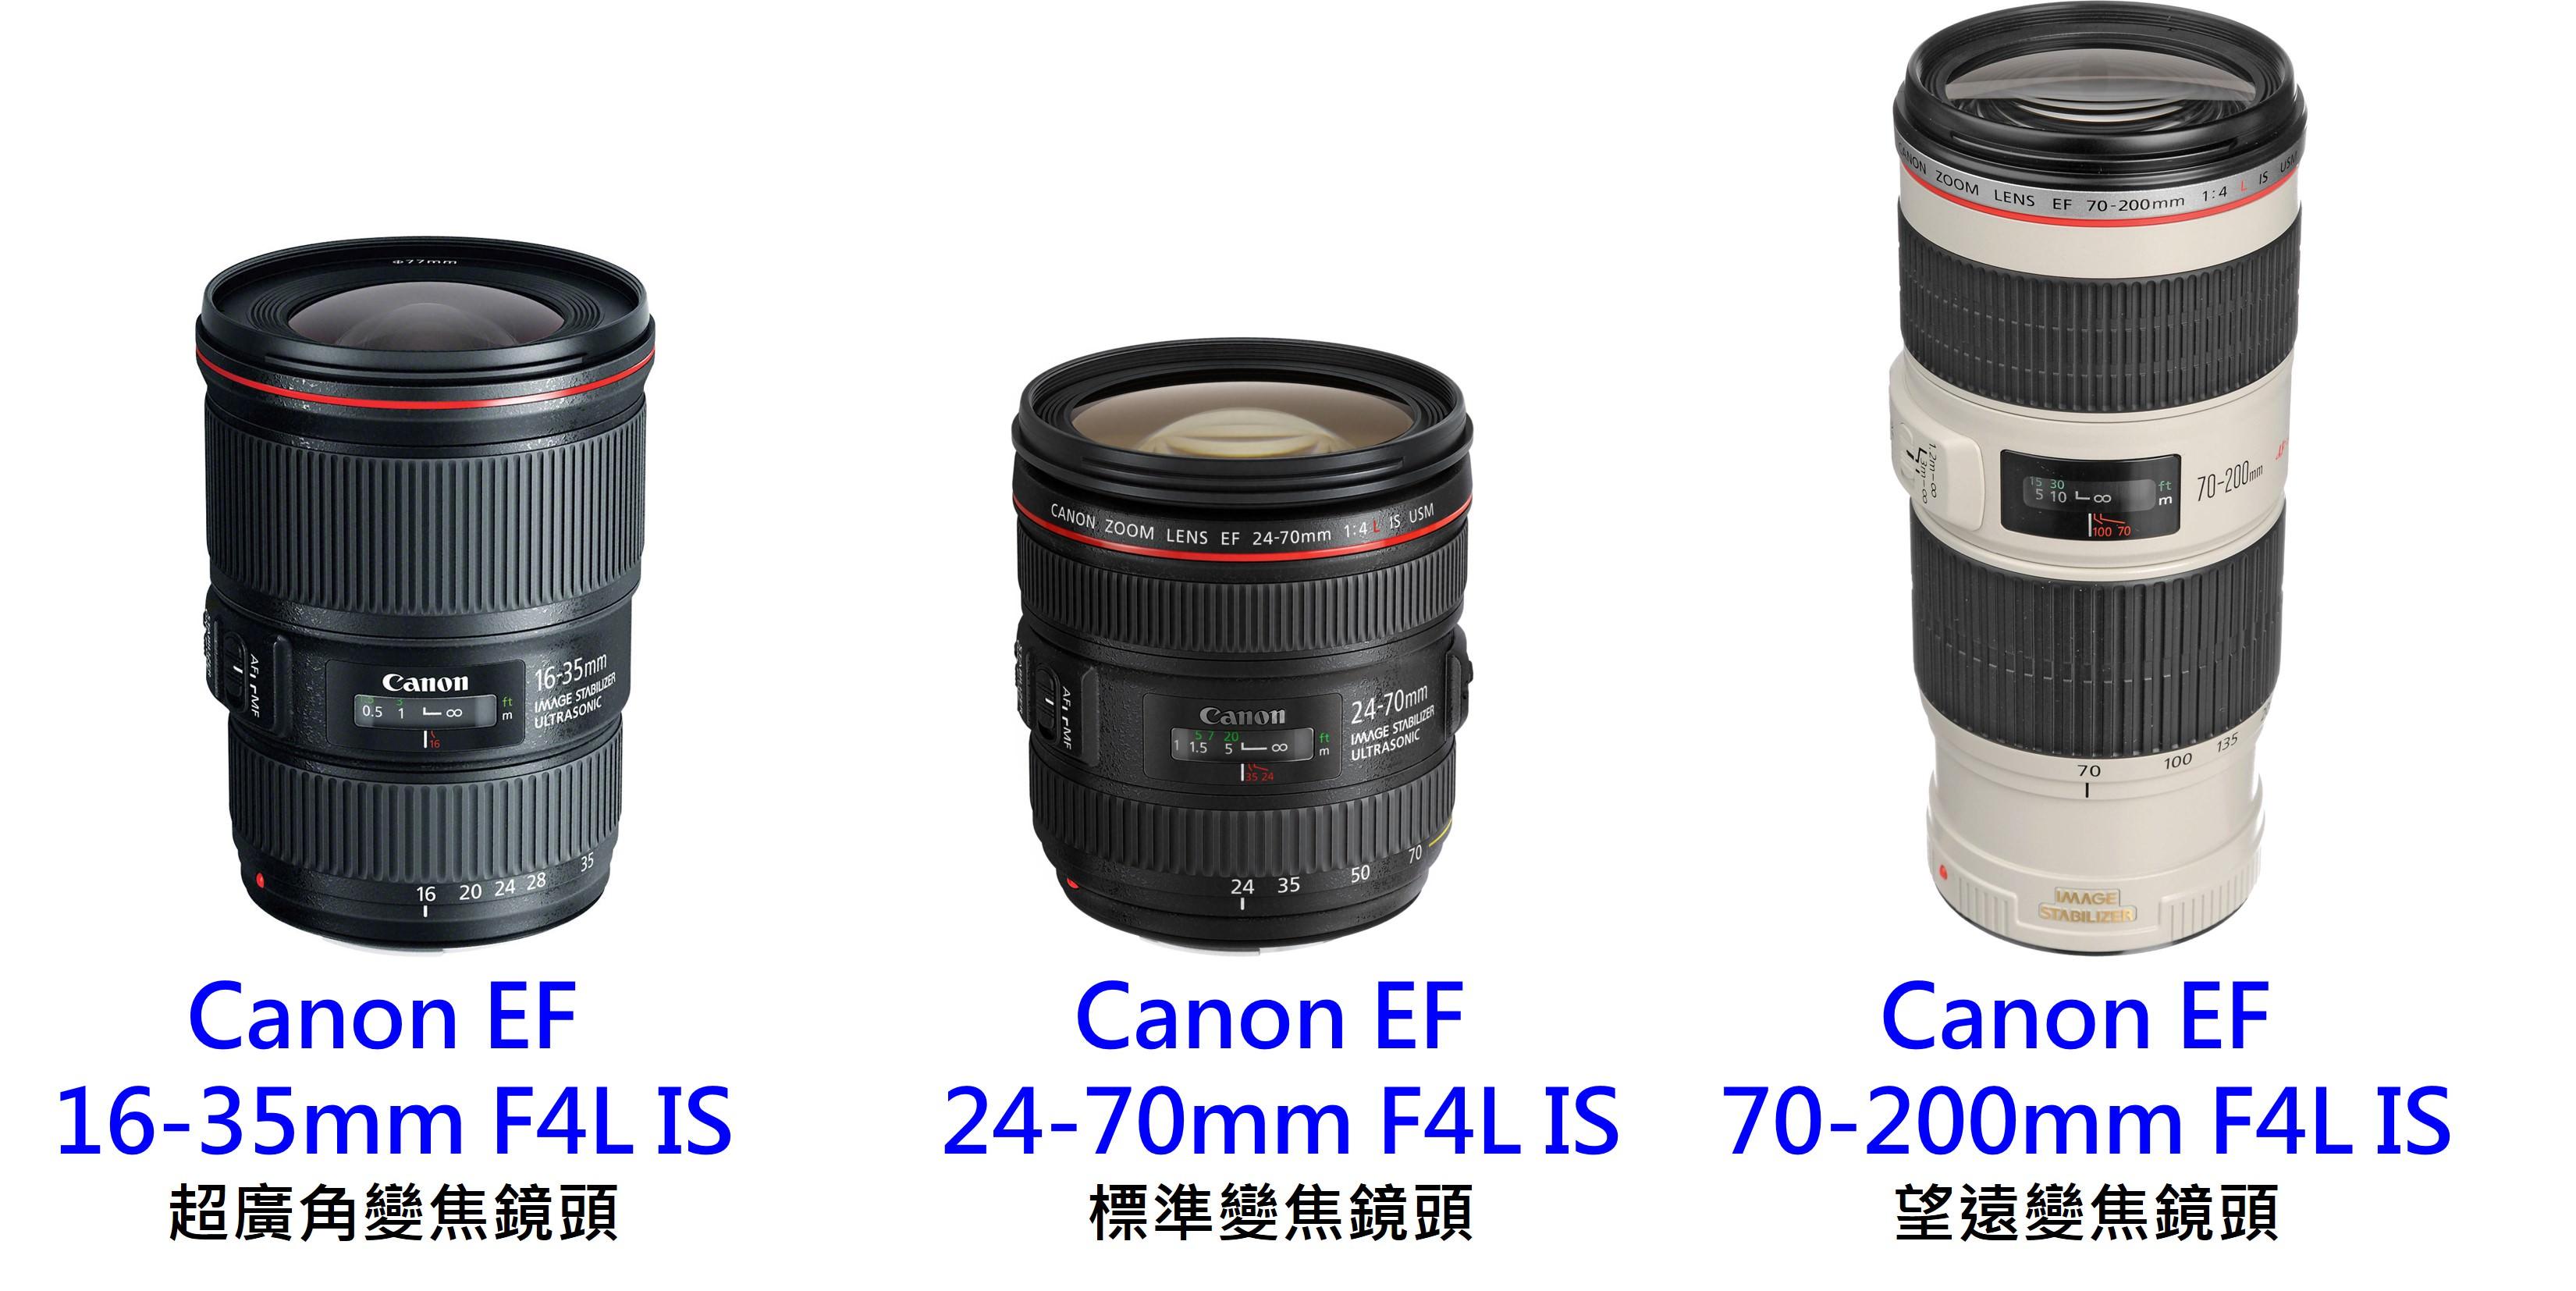 全片幅相機與鏡頭搭配推薦